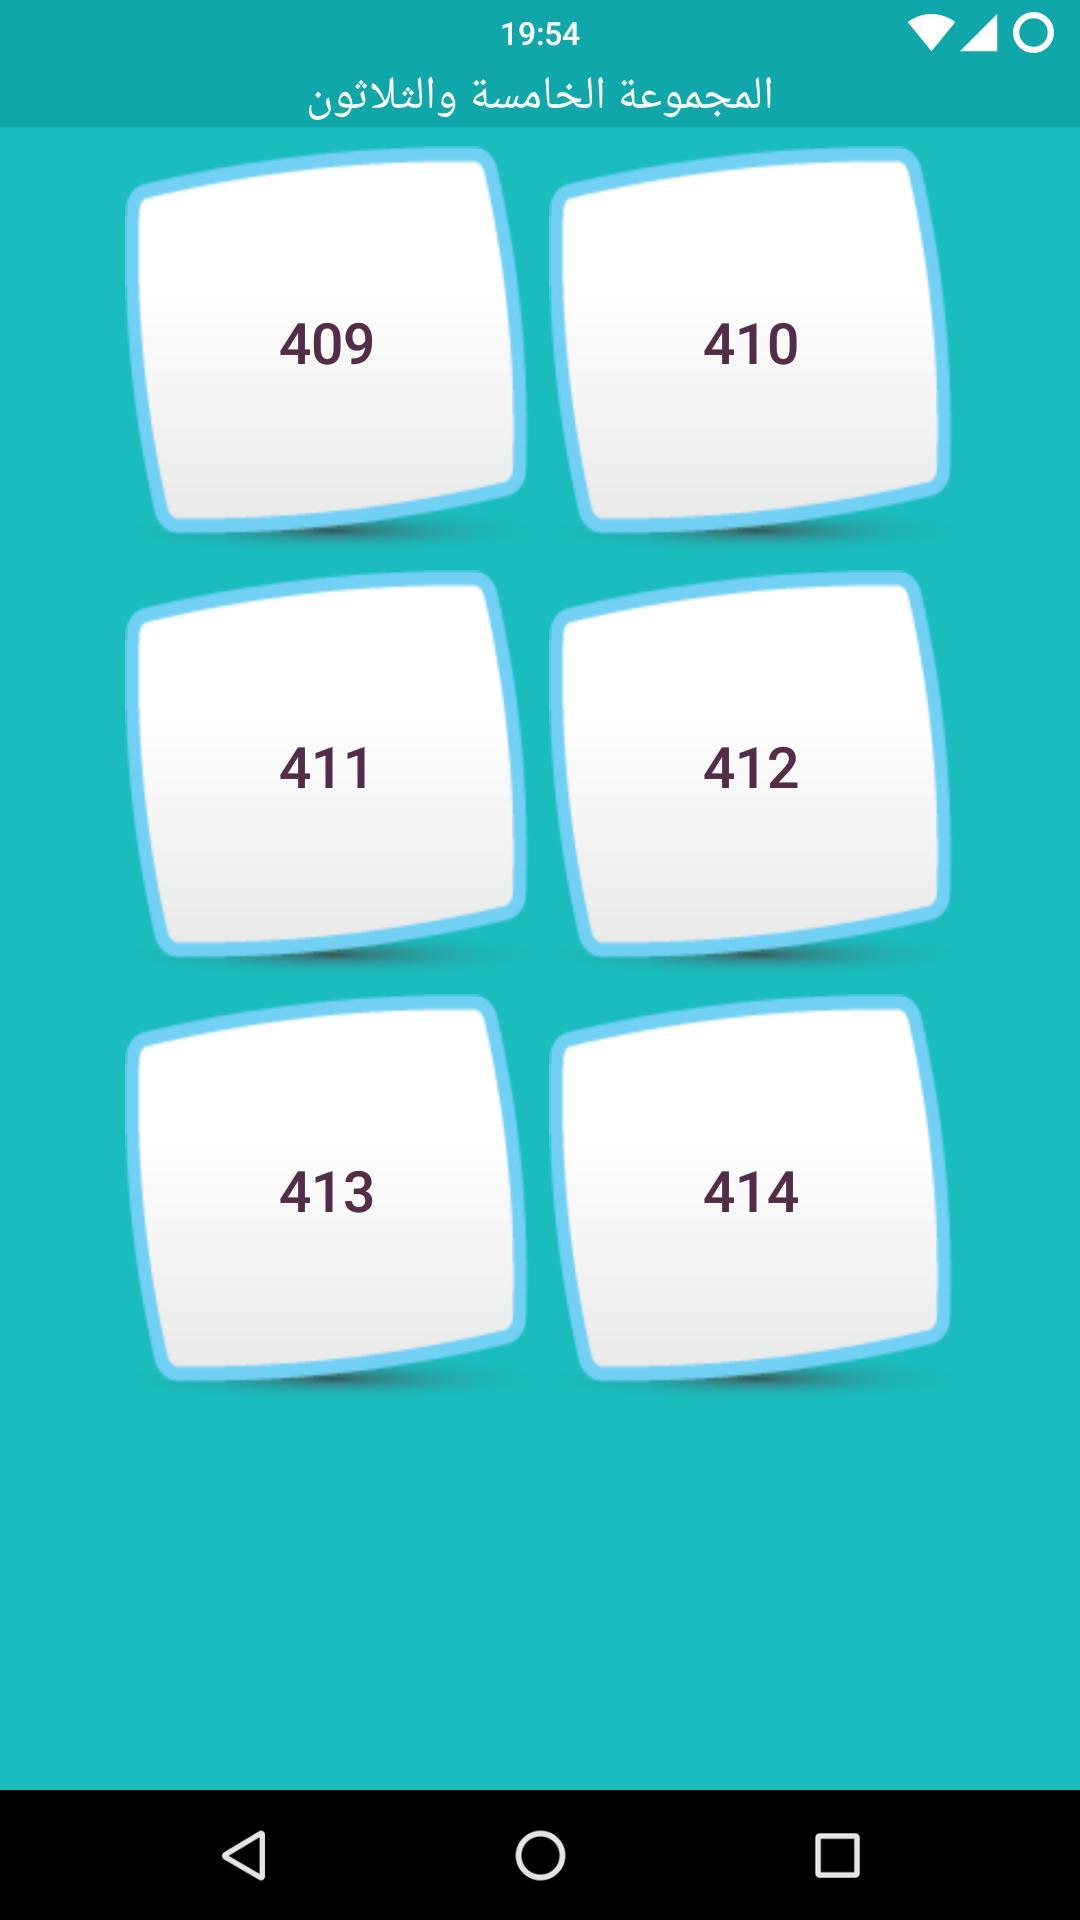 لعبة كلمة السر الجزء الثاني For Android Apk Download